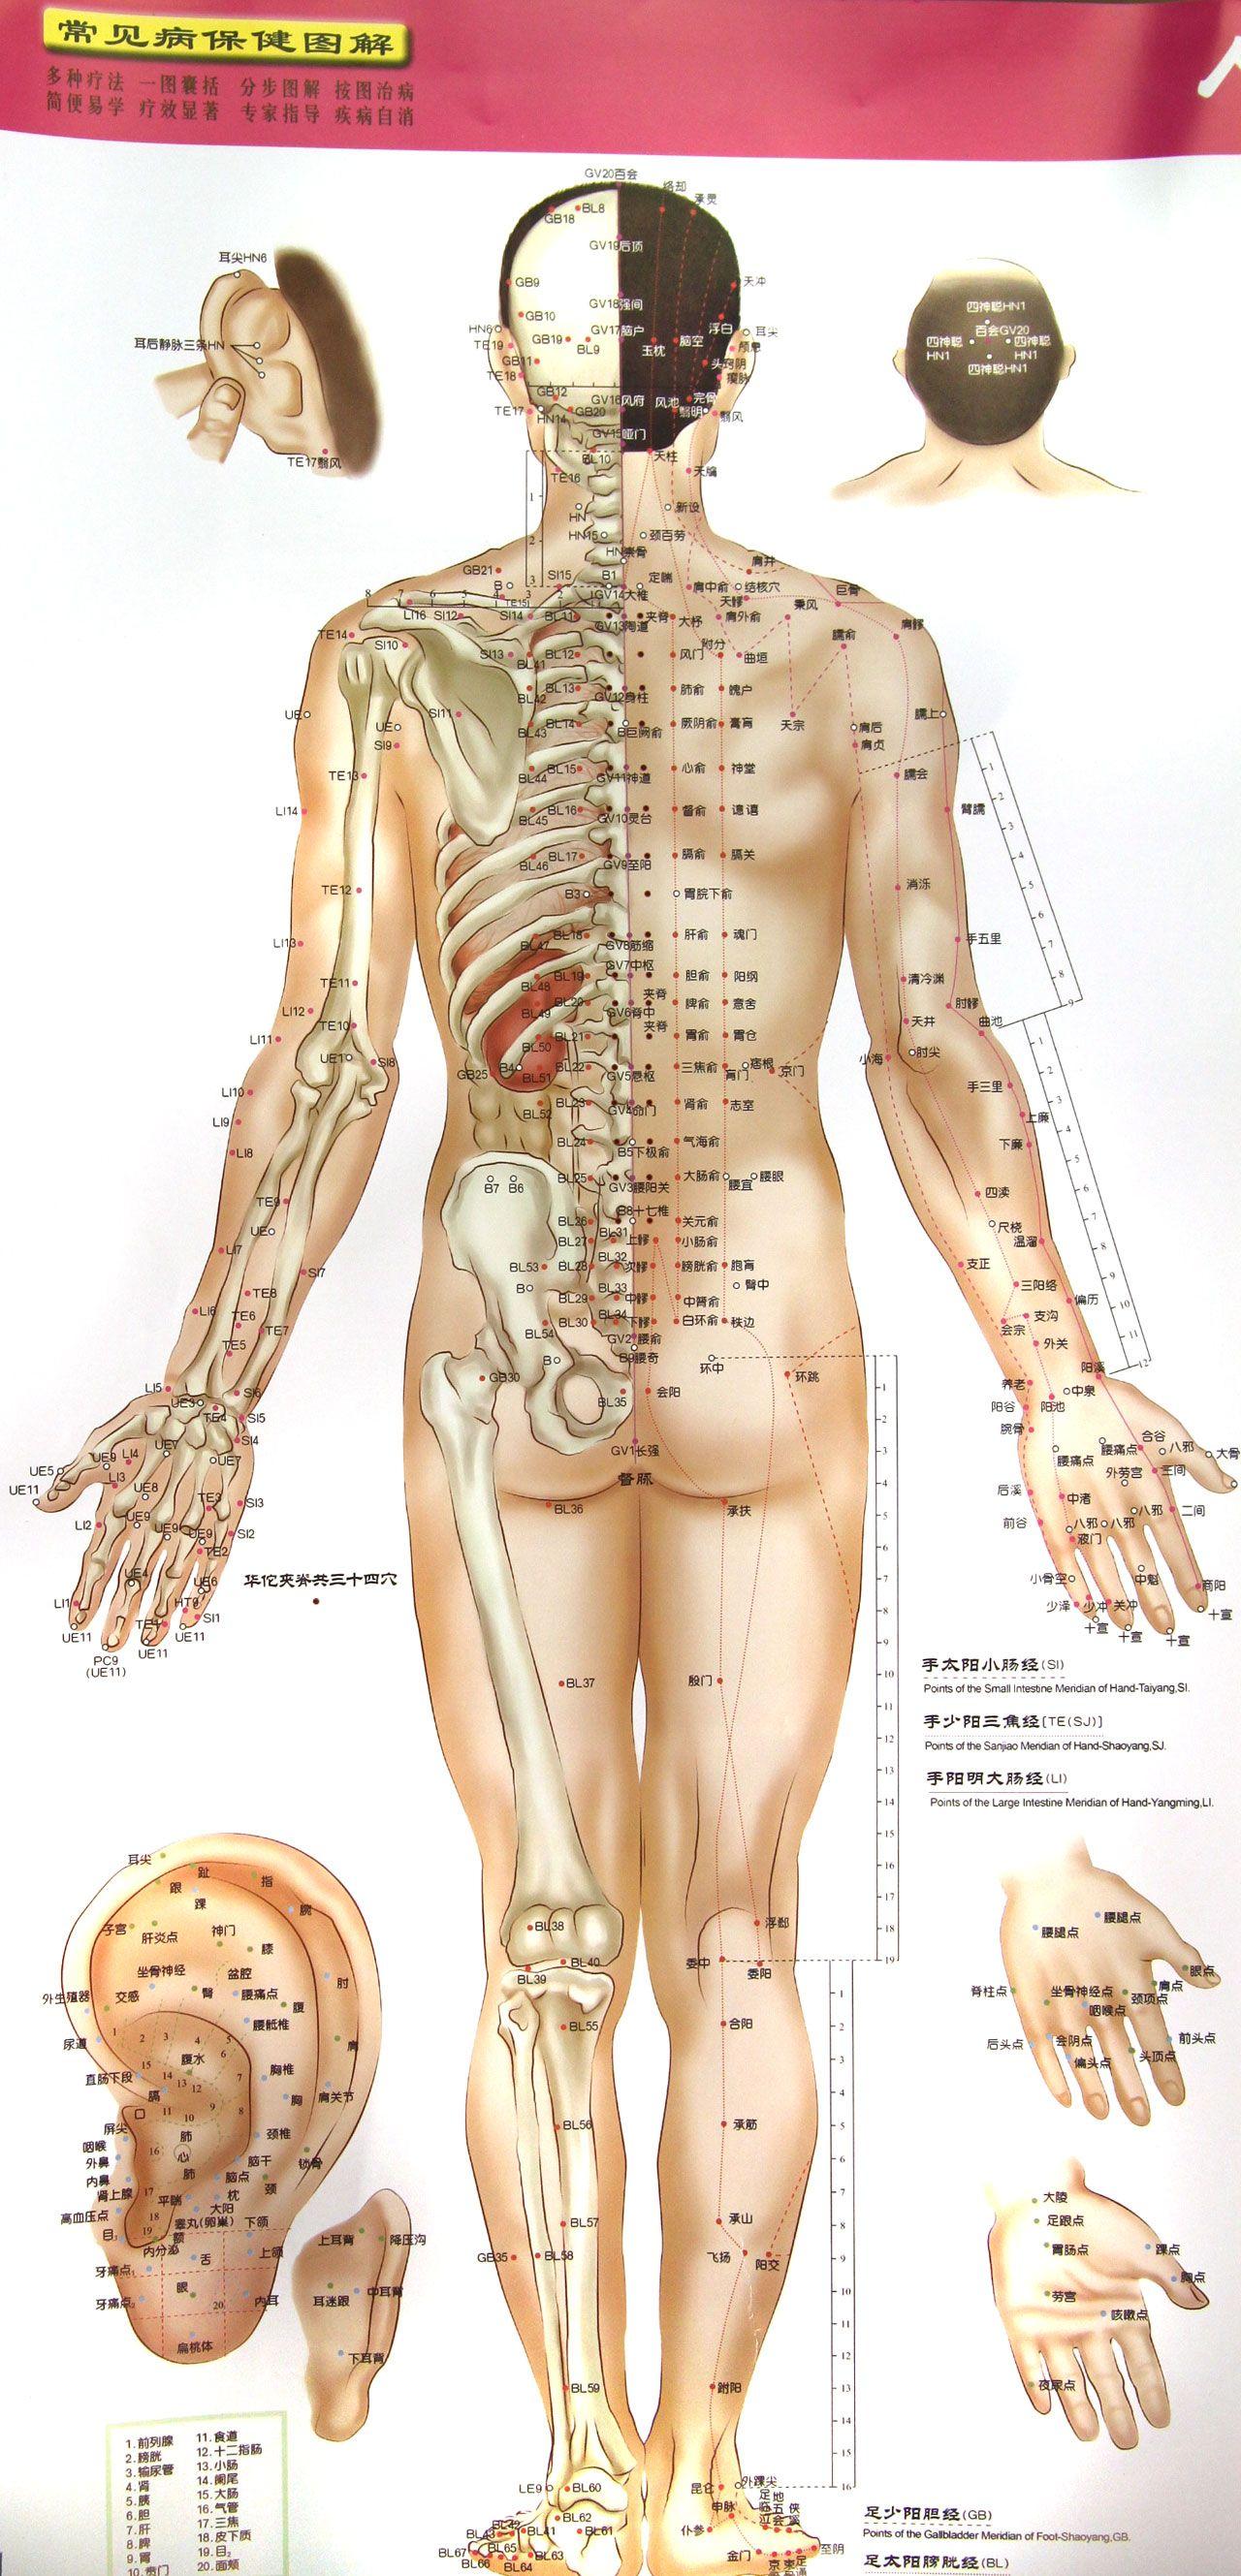 人体穴位标准挂图 中英文对照>高血压病保健图解